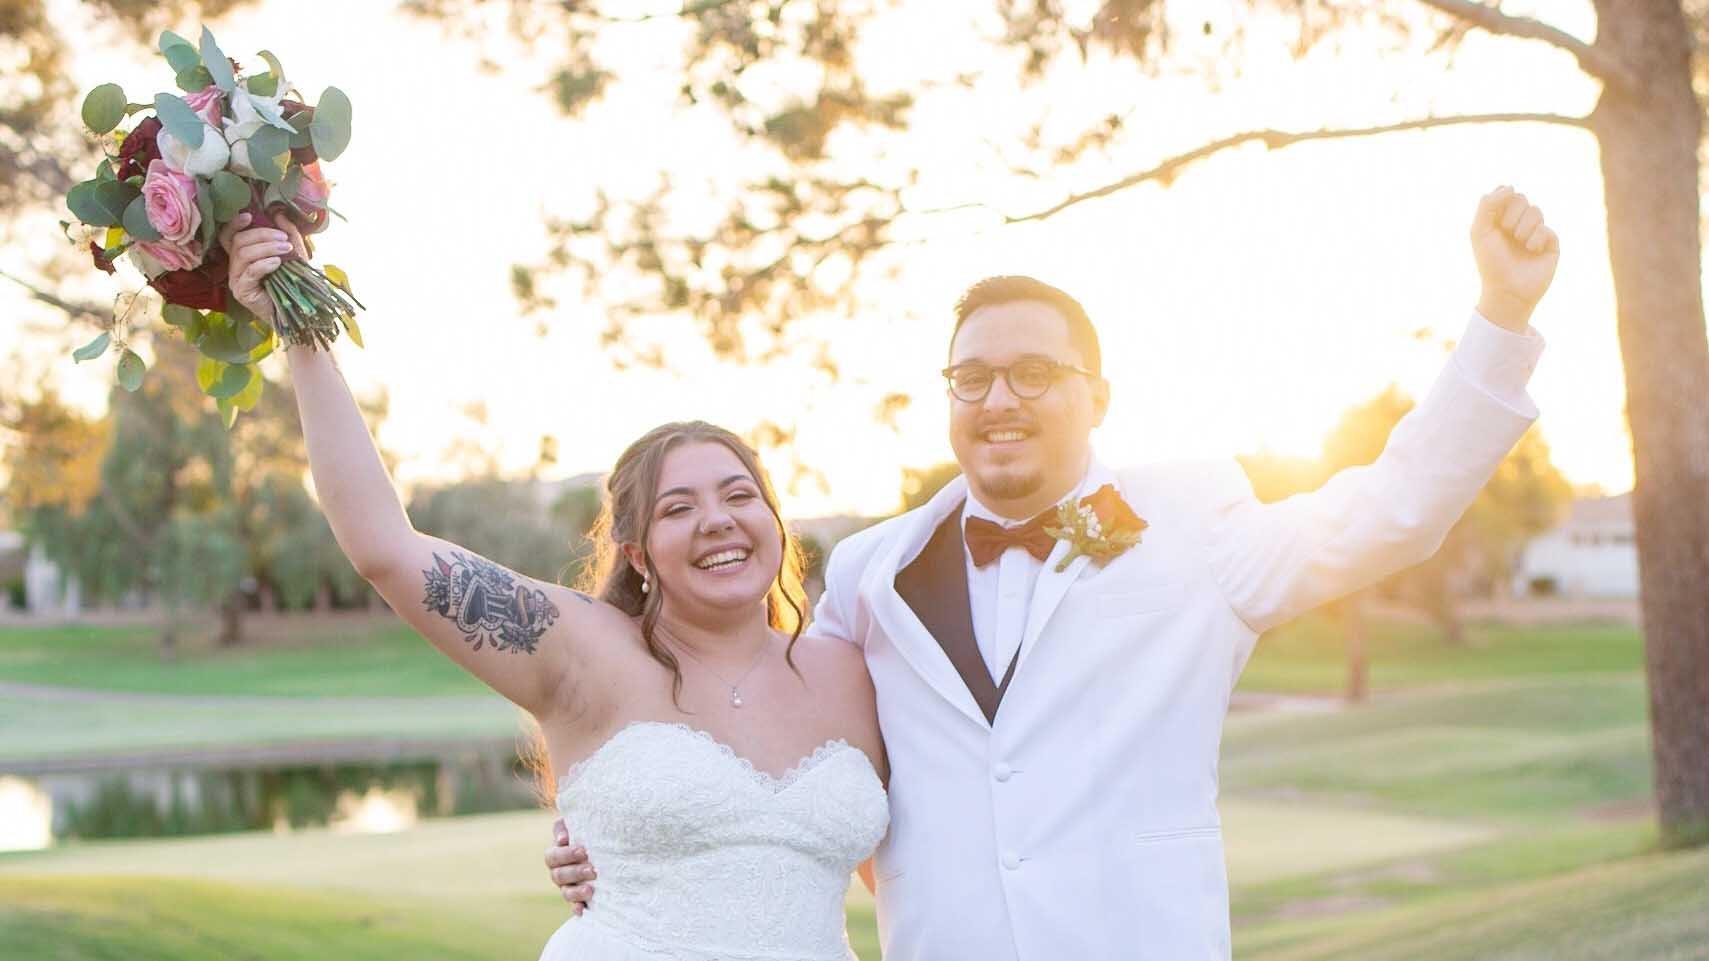 realwedding-ocotillooasis-zekesierra-4